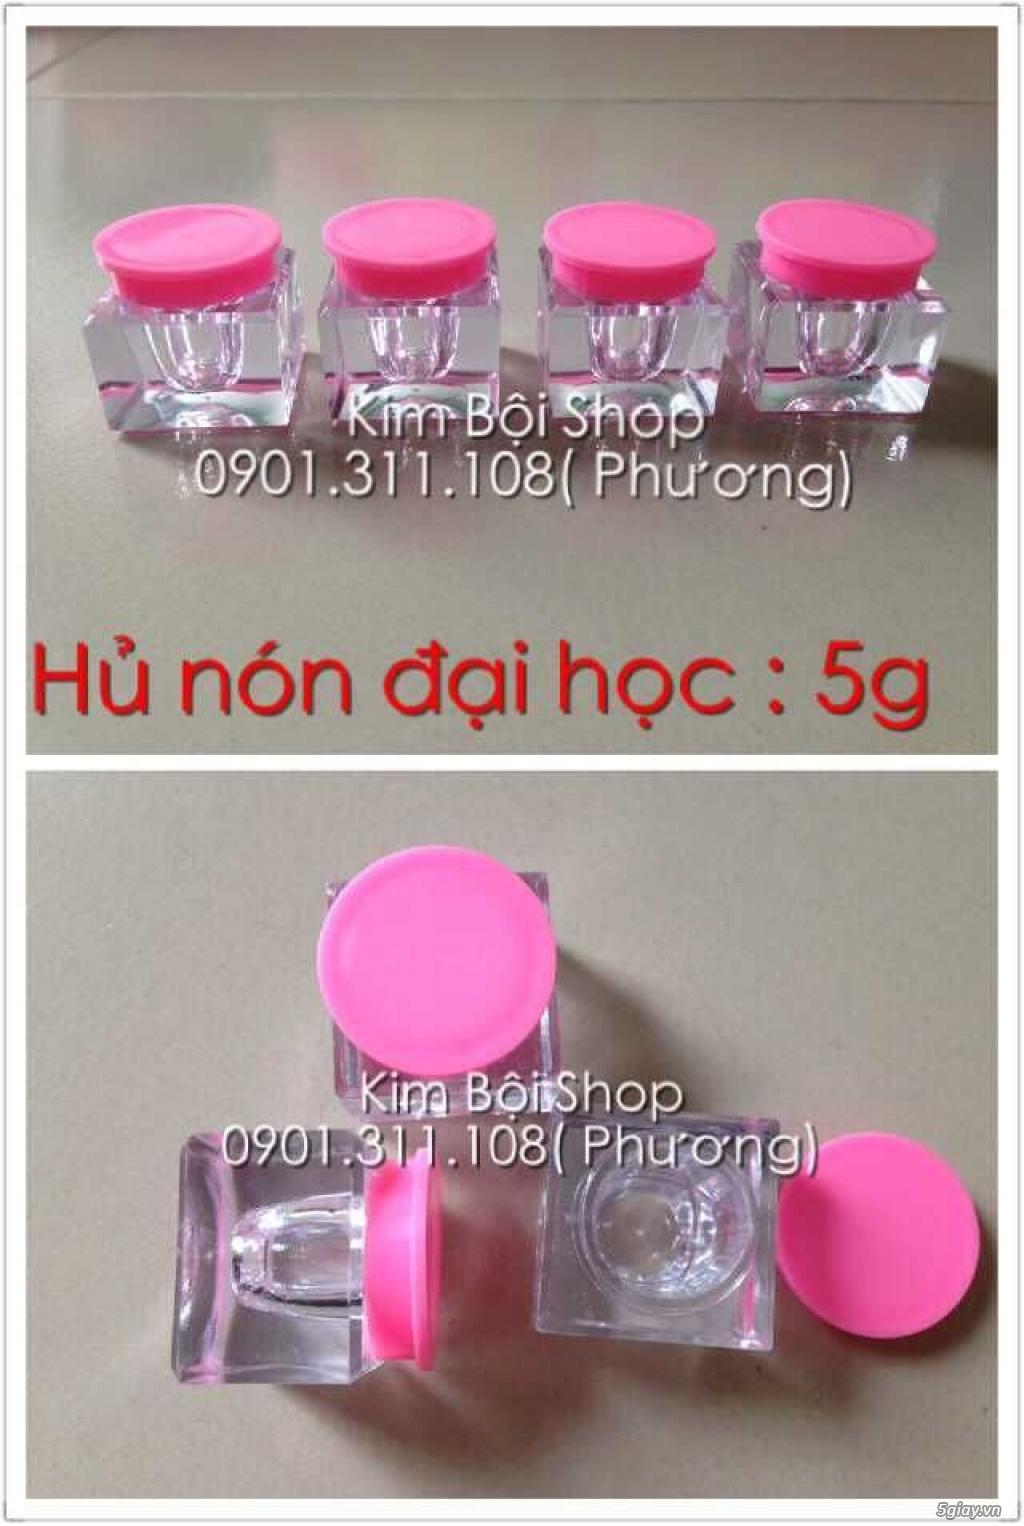 Hủ kem ( chuyên cung cấp hủ đựng kem giá rẻ chai lọ mỹ phẩm) - 10